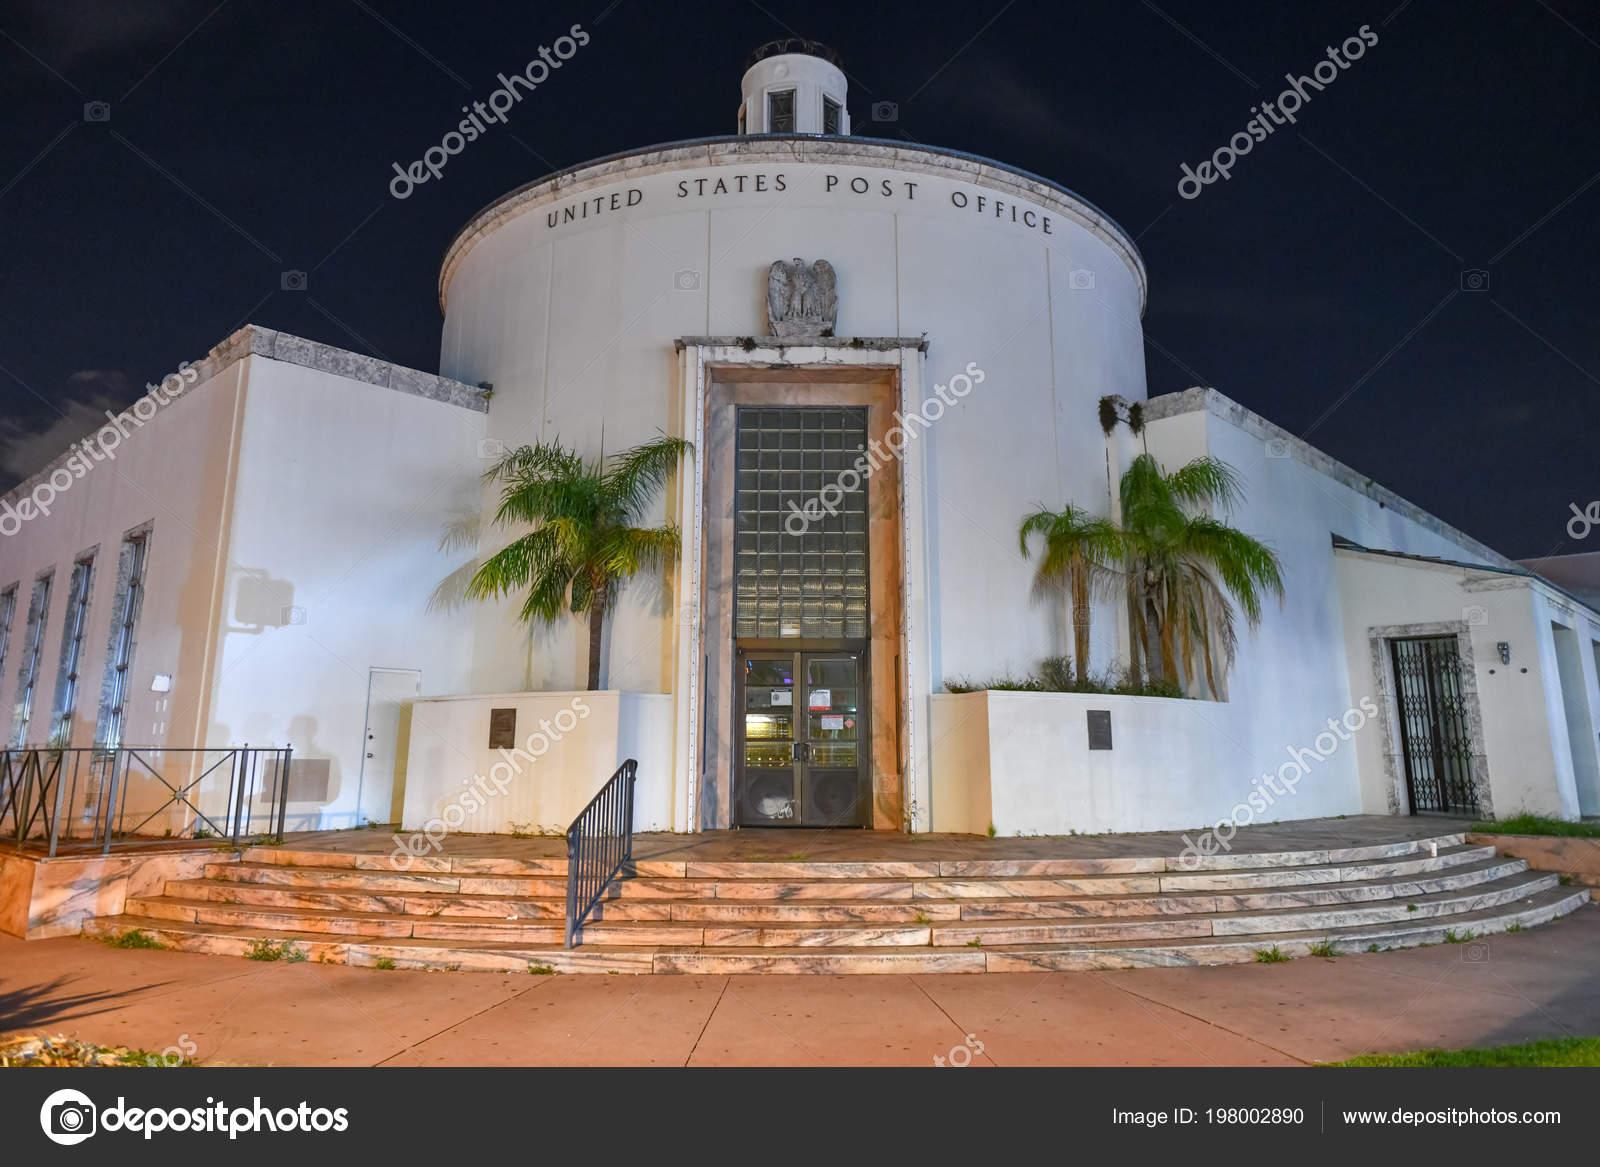 Art Deco Stijl : Art deco stijl verenigde staten postkantoor gebouw nachts miami